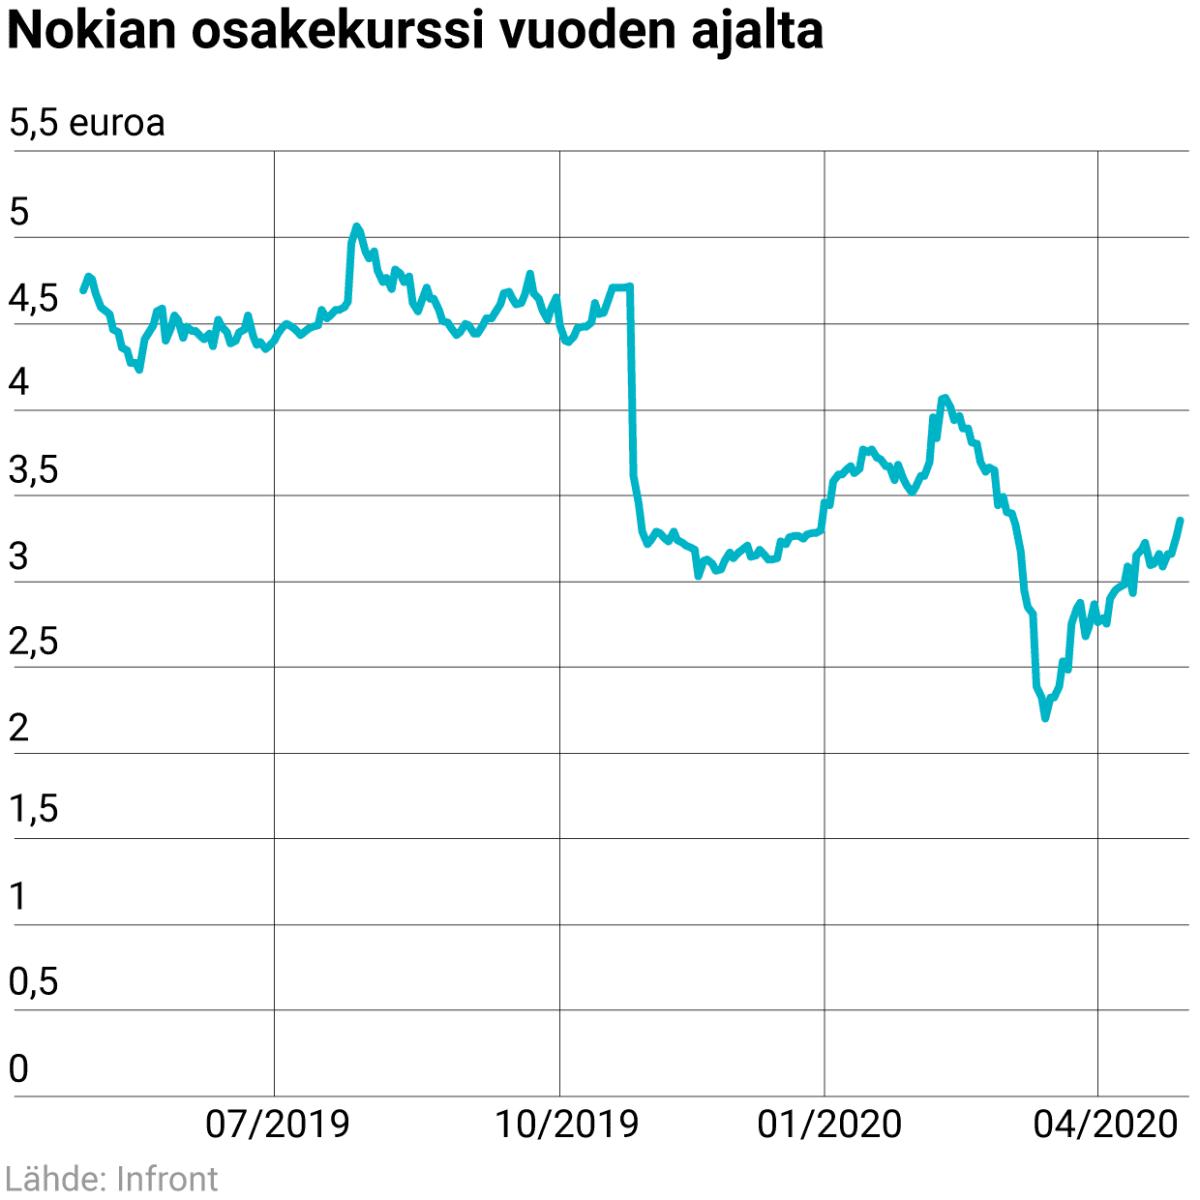 Nokian osakekurssi vuoden ajalta